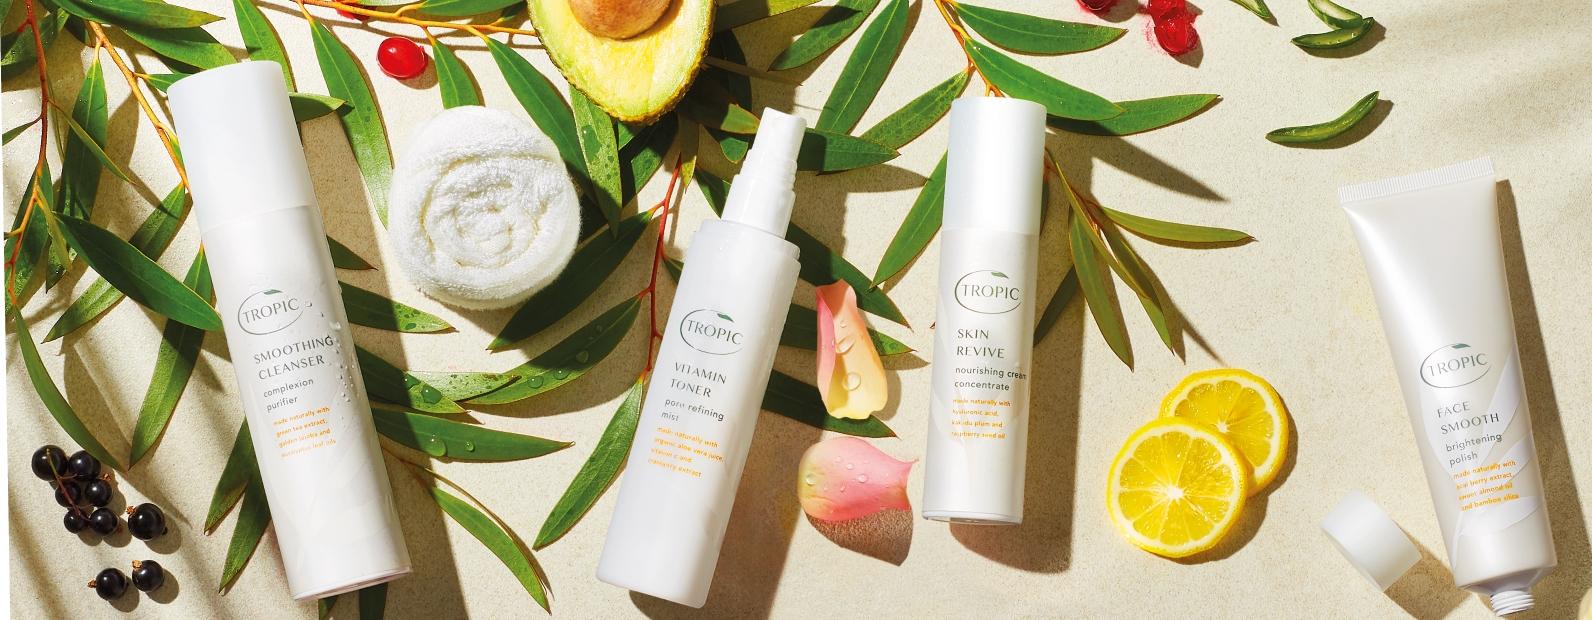 Tropic Skincare In Salon